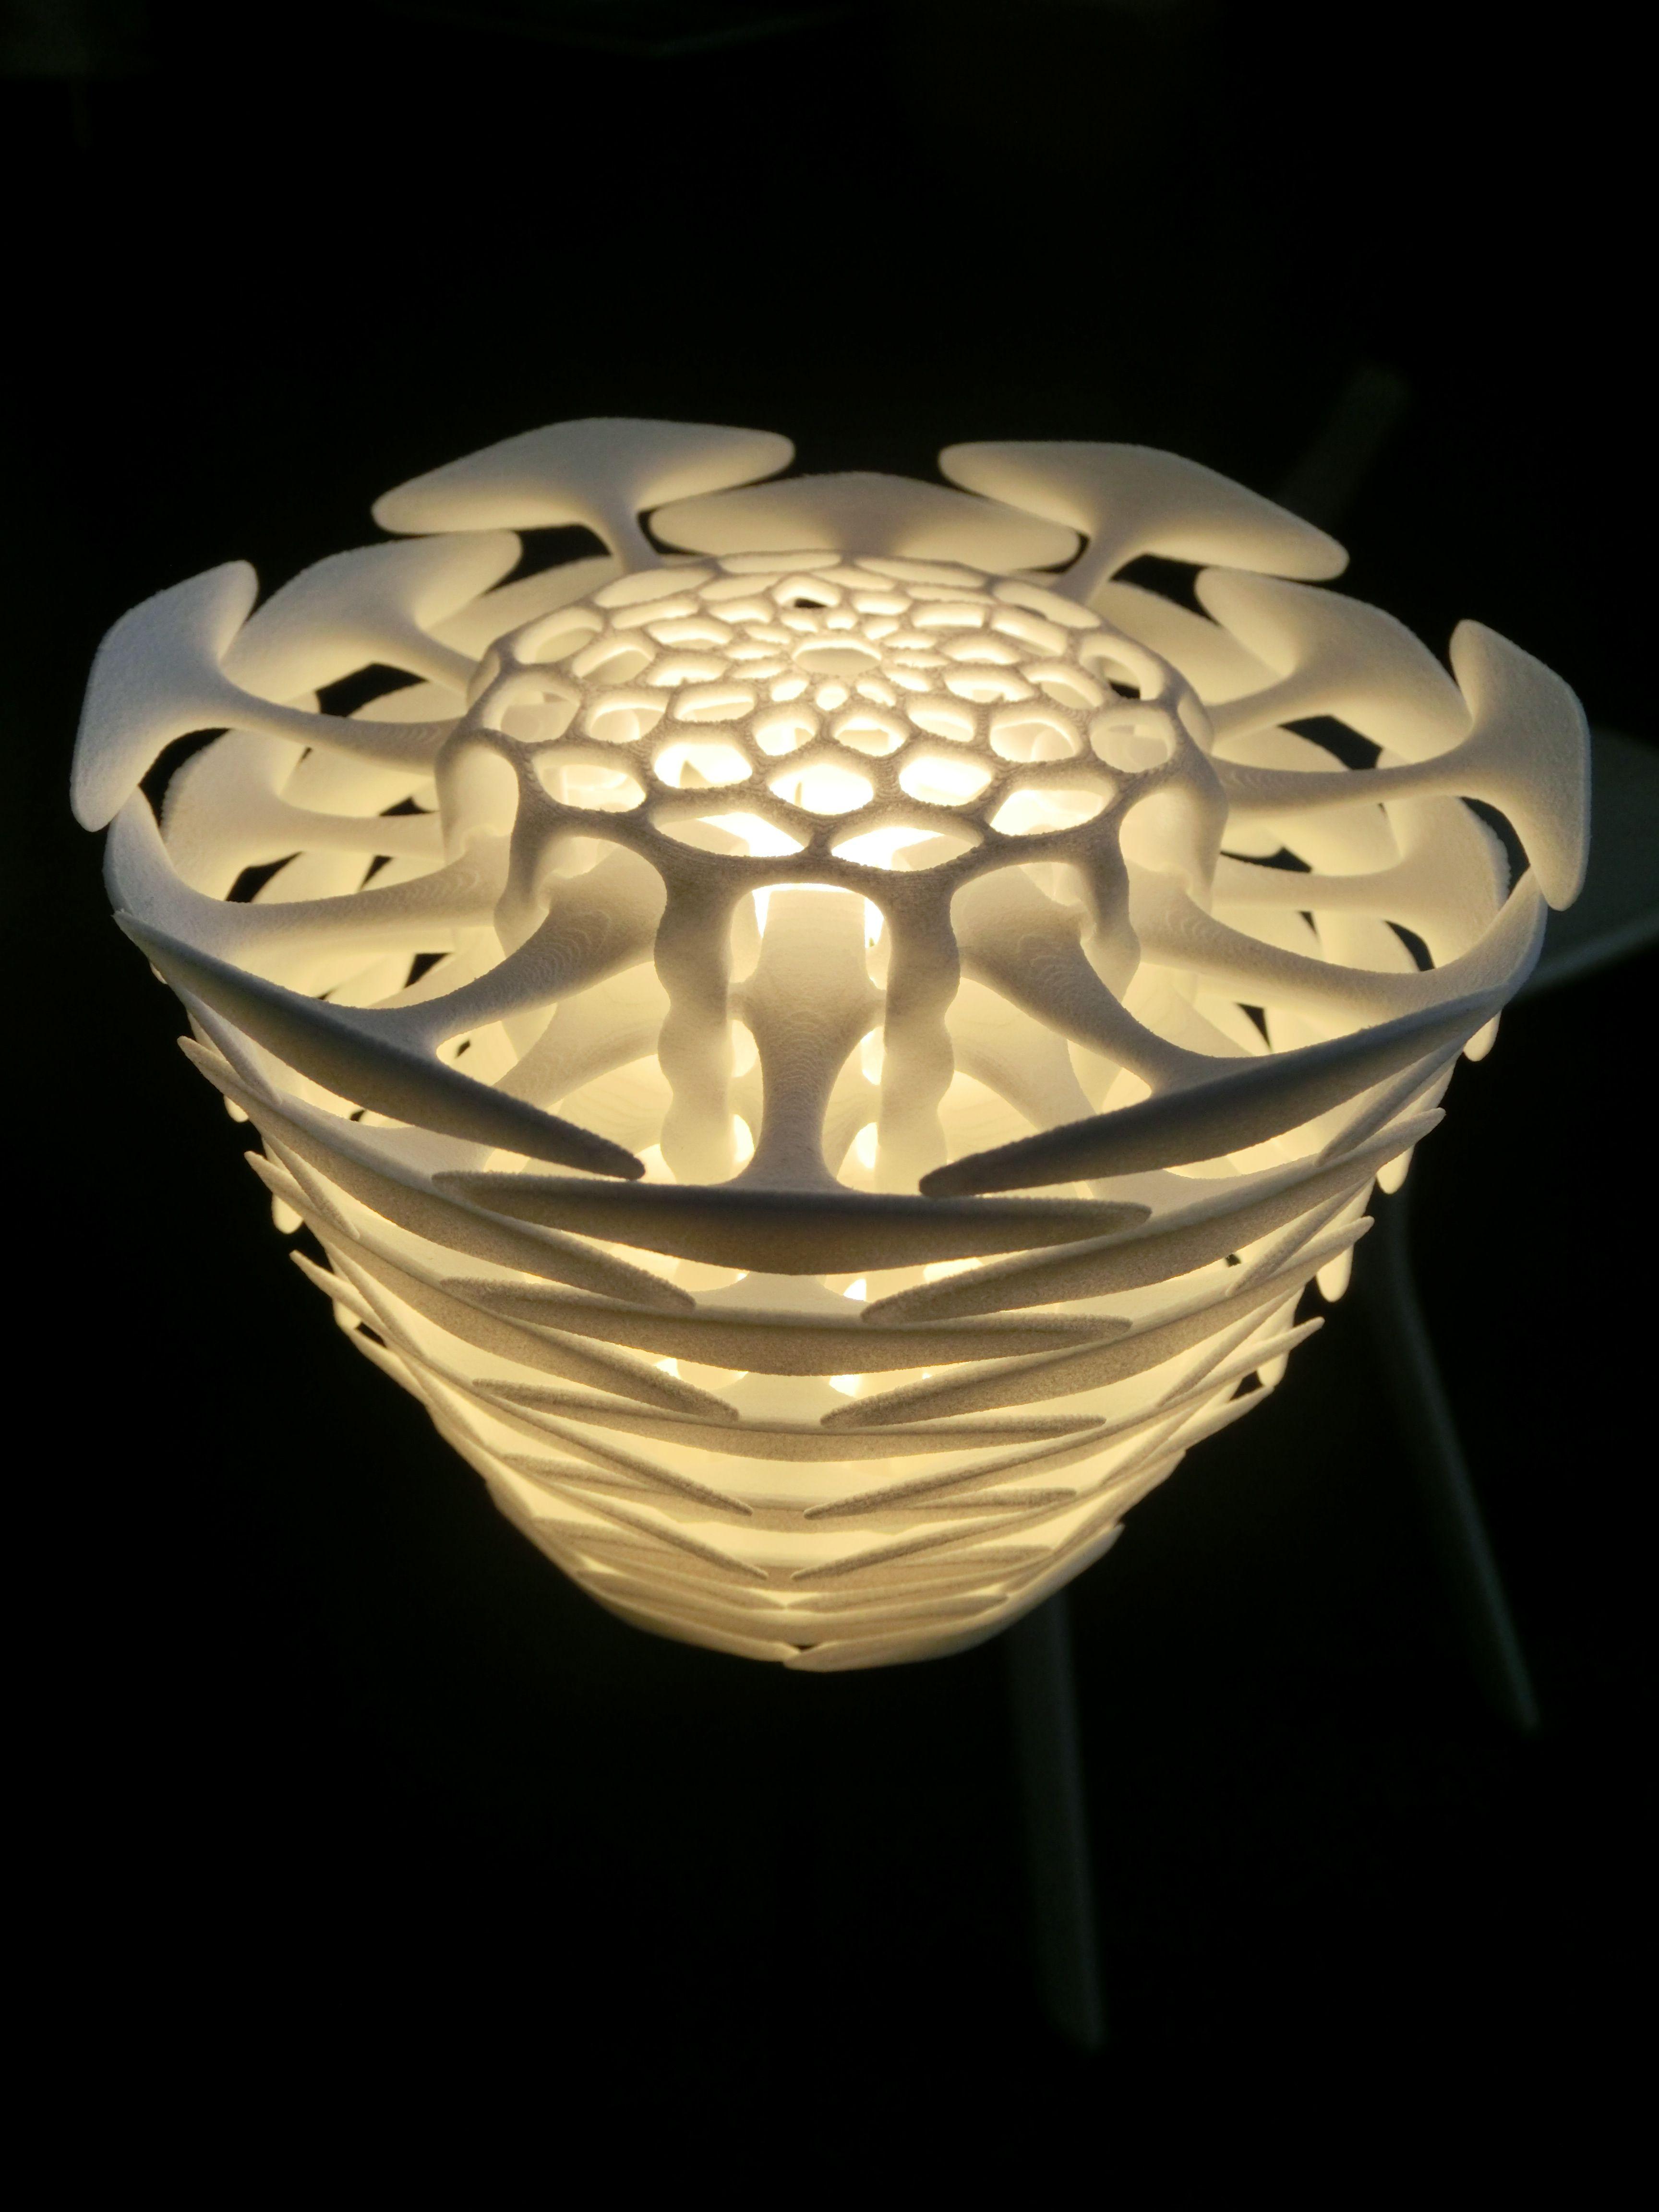 3d Printed Lamp Consultanos Sobre Tu Diseno Y Lo Haremos Realidad Disenos De Unas Lamparas 3d